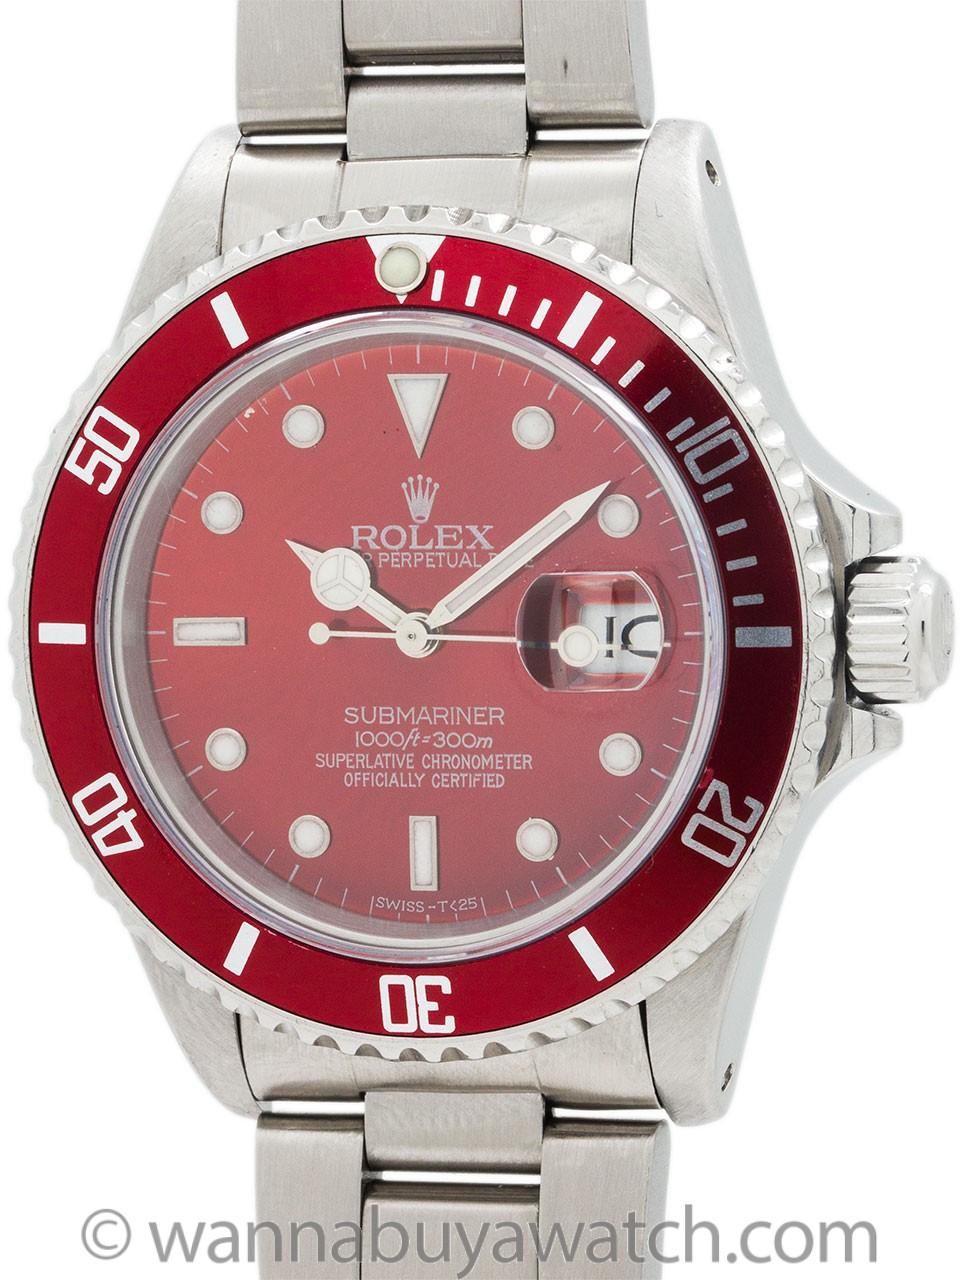 Wanna Buy A Watch Rolex Submariner Ref 16610 Circa 1987